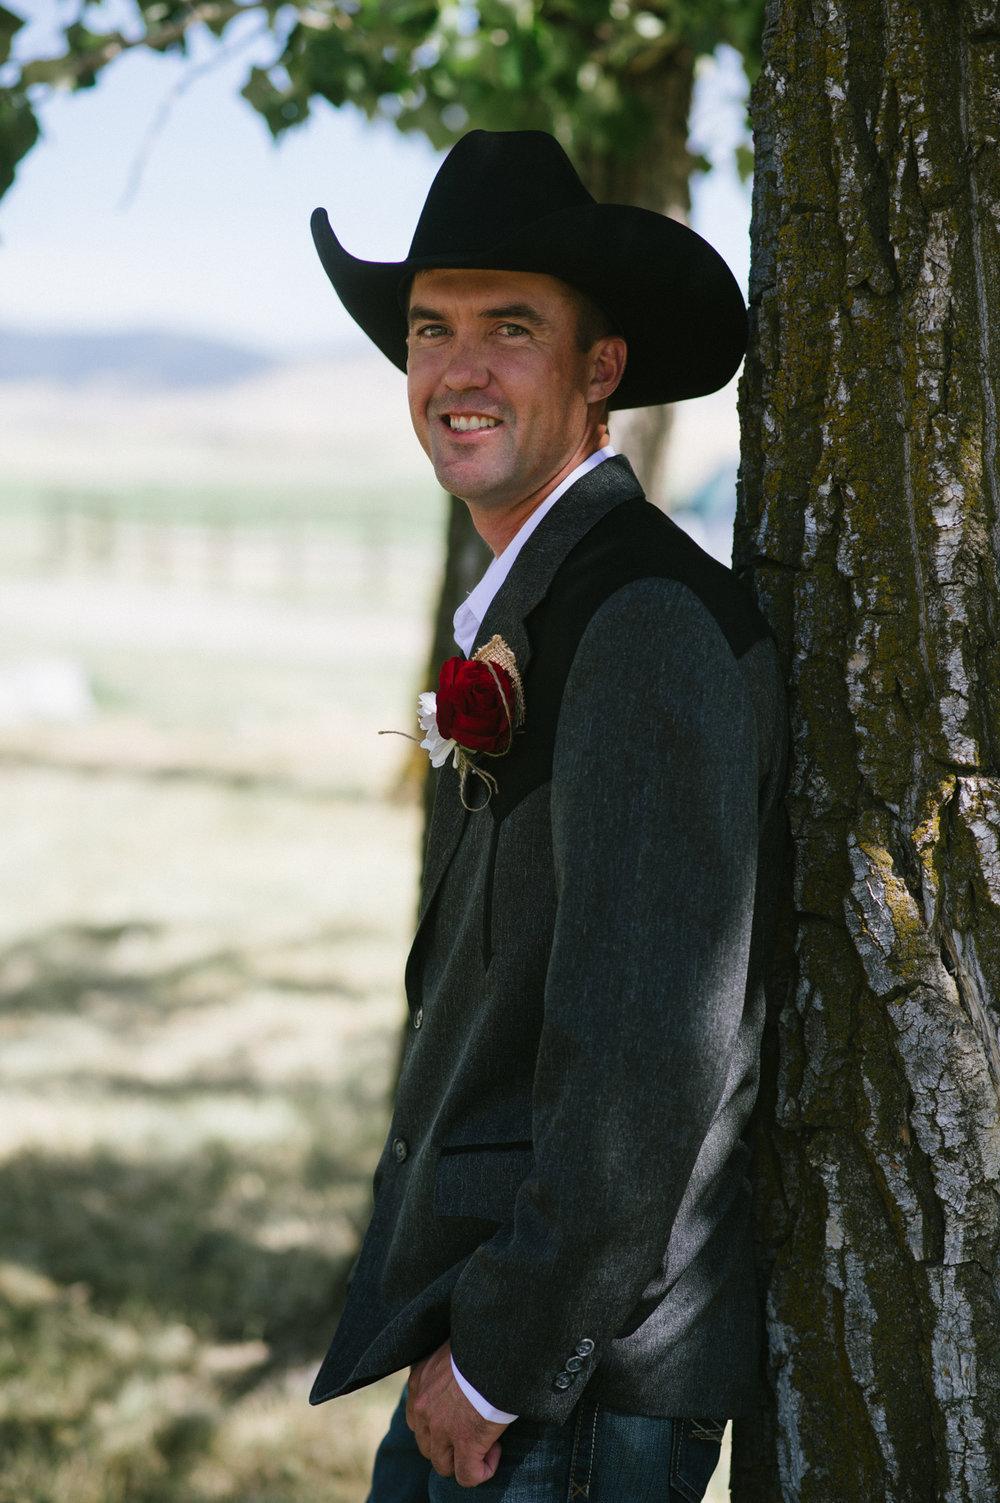 Erica Lind + Jeff Heim Wedding_Rustic Wedding_Montana Wedding_Kelsey Lane Photography-3897-2.jpg